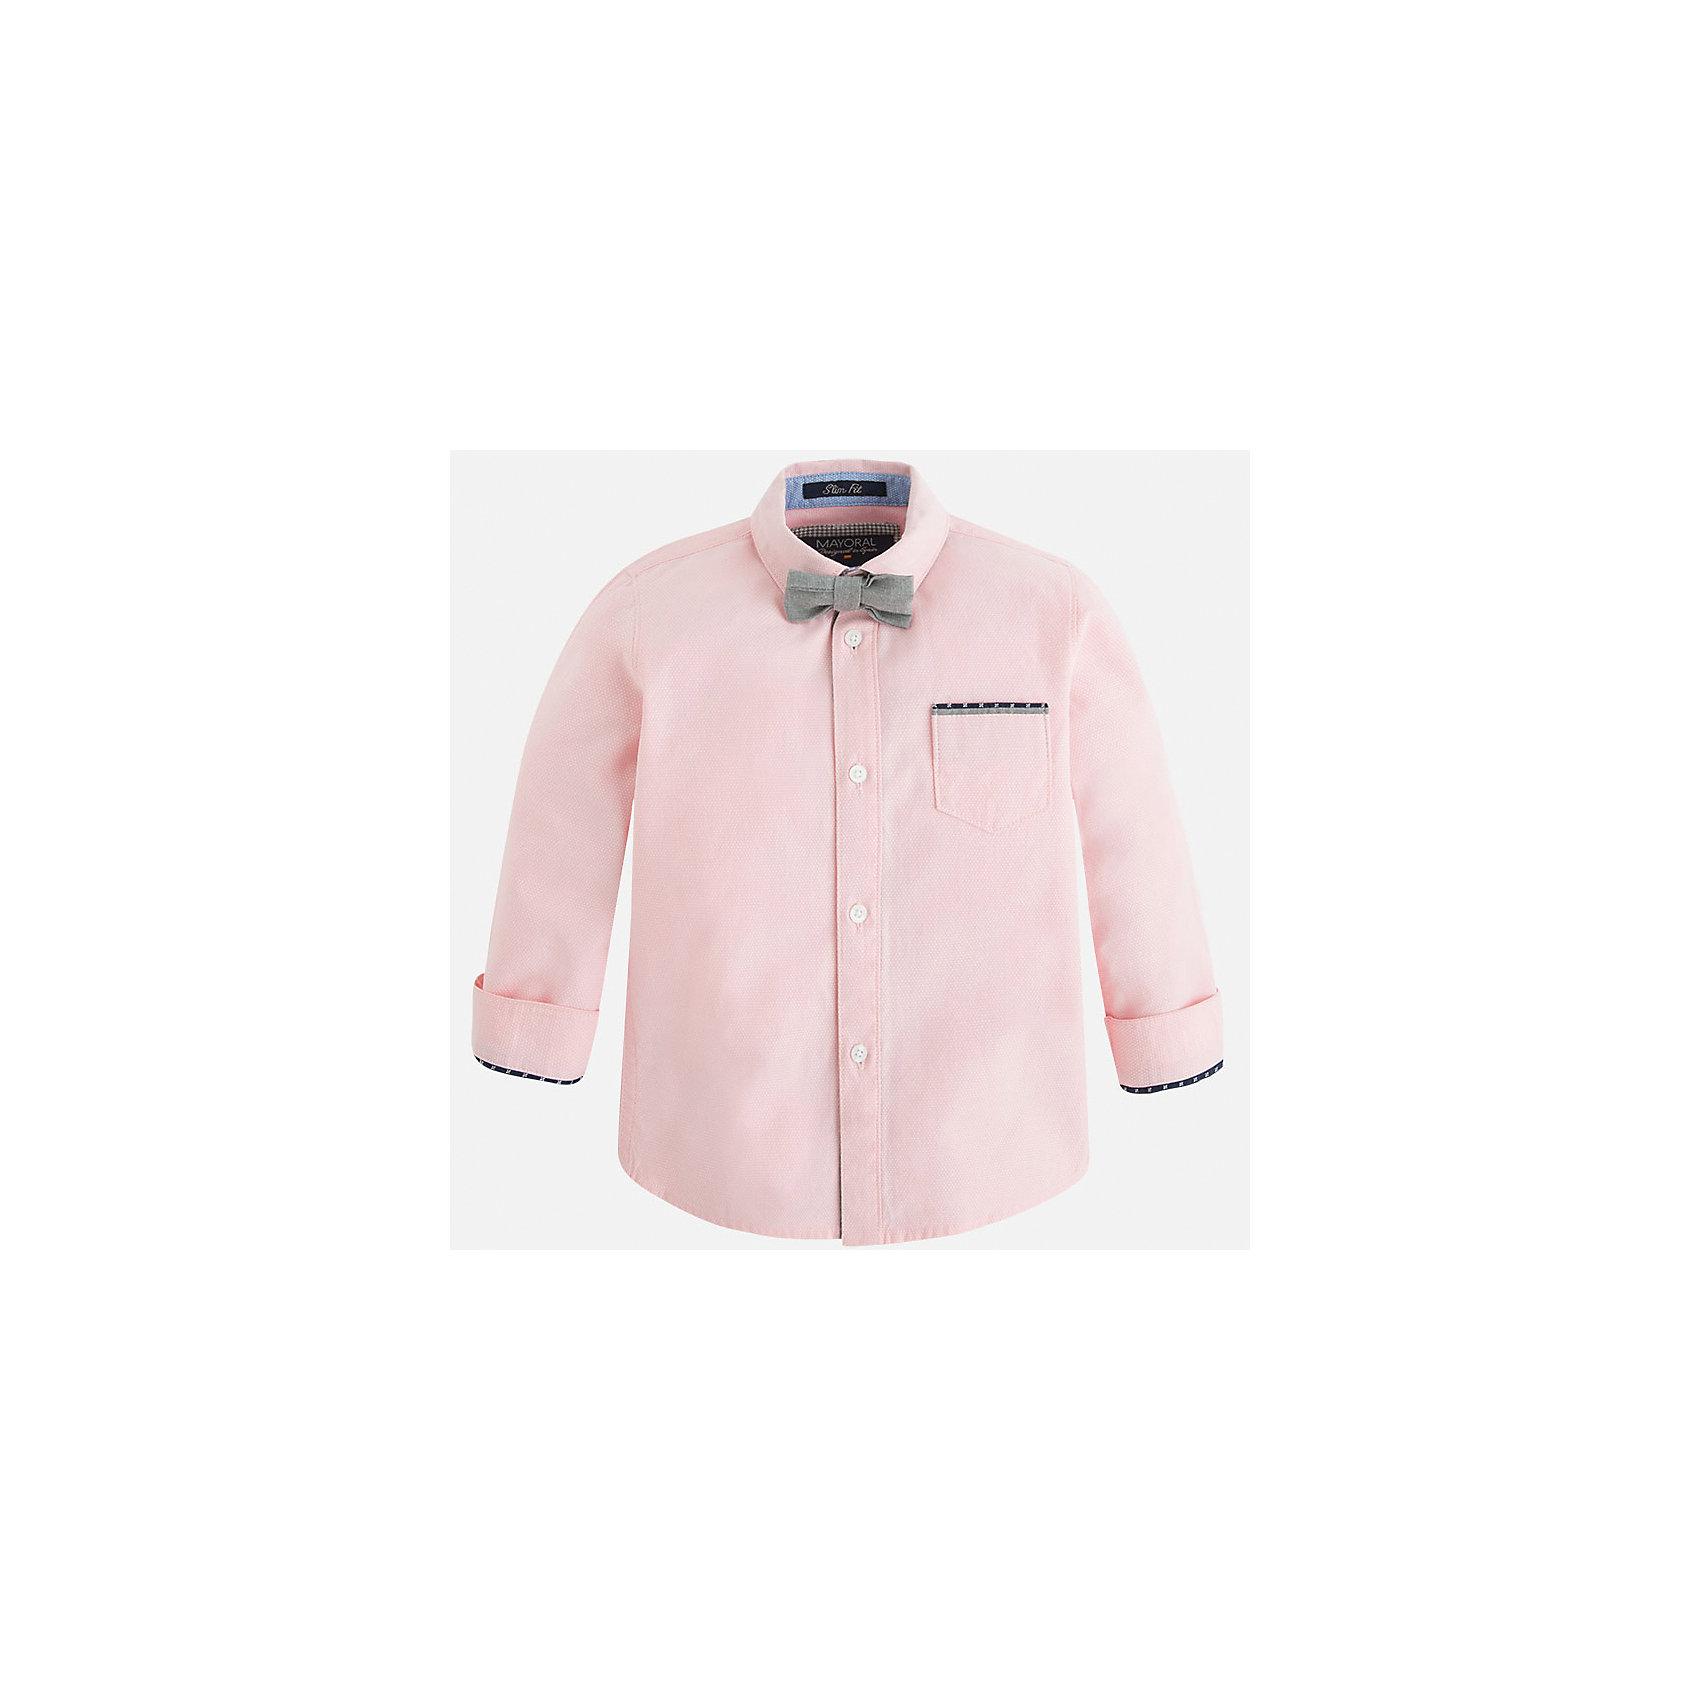 Рубашка для мальчика MayoralРубашка для мальчика Mayoral (Майорал) – это стильная модная модель для вашего маленького джентльмена.<br>Рубашка для мальчика с длинными рукавами от известной испанской марки Mayoral (Майорал) изготовлена из натурального хлопка. Рубашка застегивается на пуговицы, на груди имеется небольшой накладной карман, на локтях - контрастные декоративные заплатки, сочетающиеся по цвету с кантом на кармашке и манжетах. Модель дополнена небольшим элегантным галстуком-бабочкой серого цвета.<br><br>Дополнительная информация:<br><br>- Комплектация: рубашка с галстуком-бабочкой<br>- Цвет: розовый<br>- Состав: 100% хлопок<br>- Уход: бережная стирка при 30 градусах<br><br>Рубашку для мальчика Mayoral (Майорал) можно купить в нашем интернет-магазине.<br><br>Ширина мм: 174<br>Глубина мм: 10<br>Высота мм: 169<br>Вес г: 157<br>Цвет: розовый<br>Возраст от месяцев: 24<br>Возраст до месяцев: 36<br>Пол: Мужской<br>Возраст: Детский<br>Размер: 98,110,104,122,134,128,116<br>SKU: 4821102